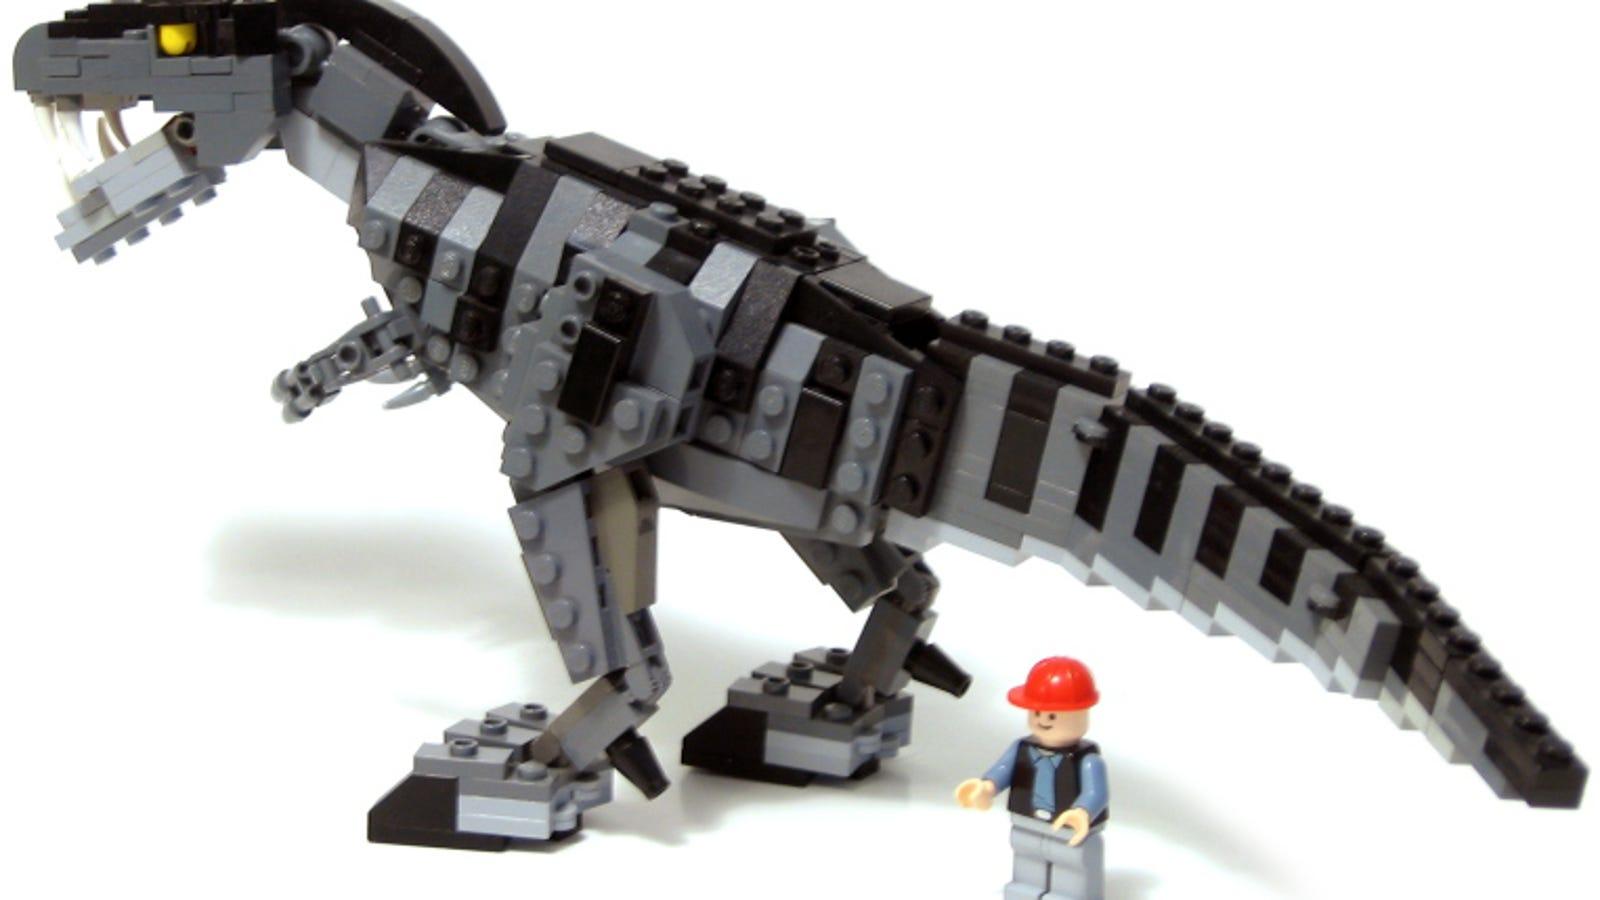 New jurassic world lego sets coming yay lego dinosaurs - Lego dinosaures ...